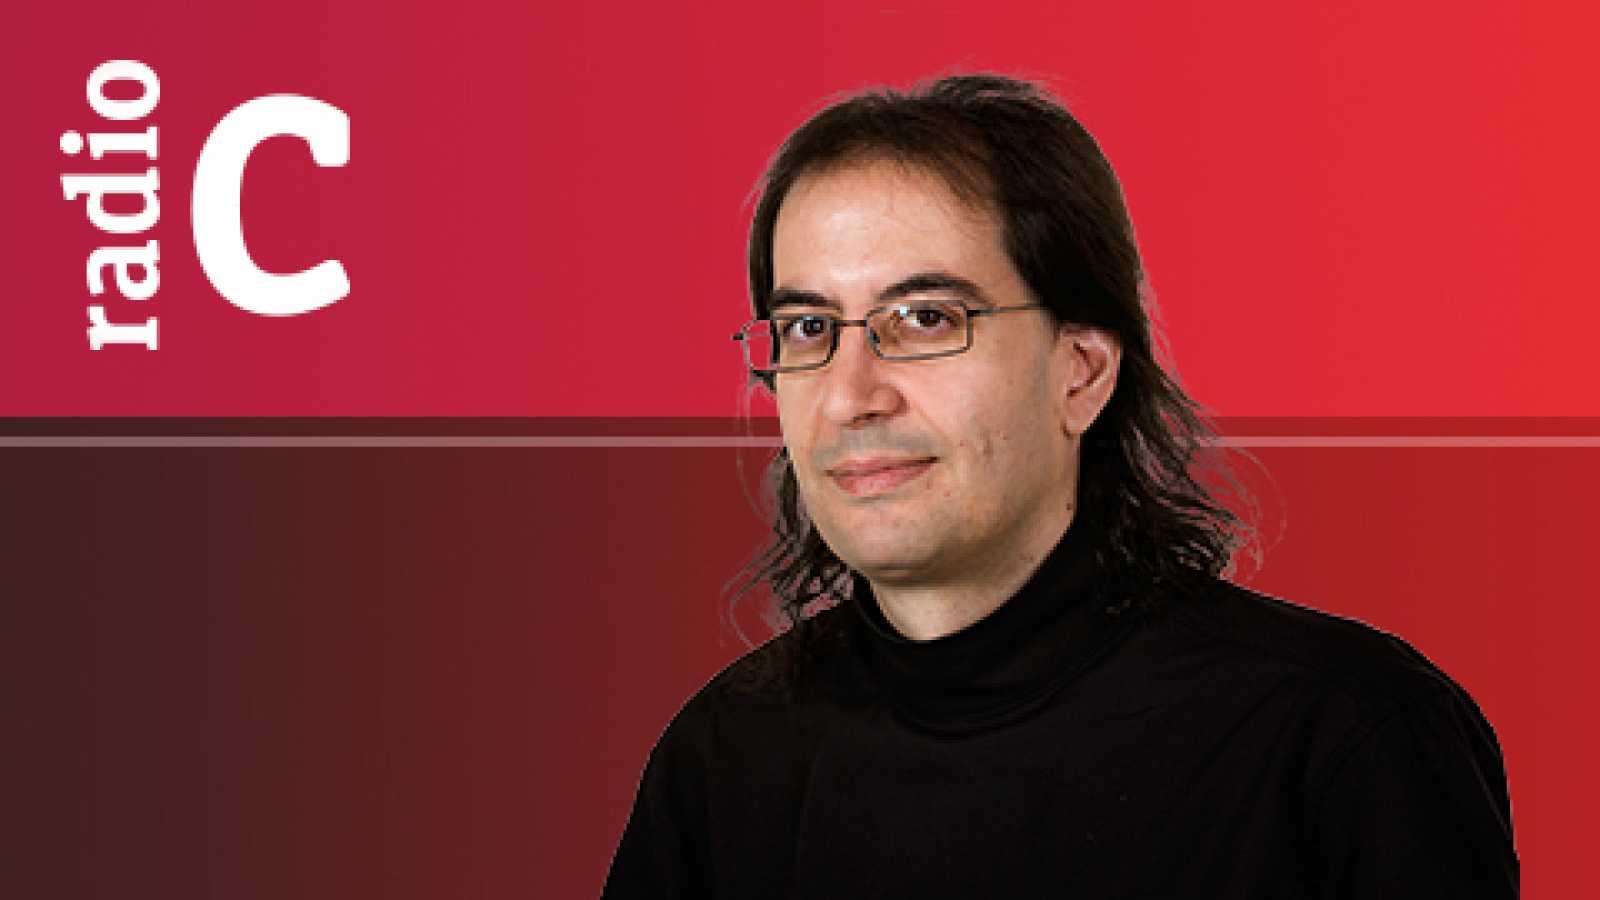 Ars sonora - Monográfico: Josué Moreno - 16/02/13 - escuchar ahora